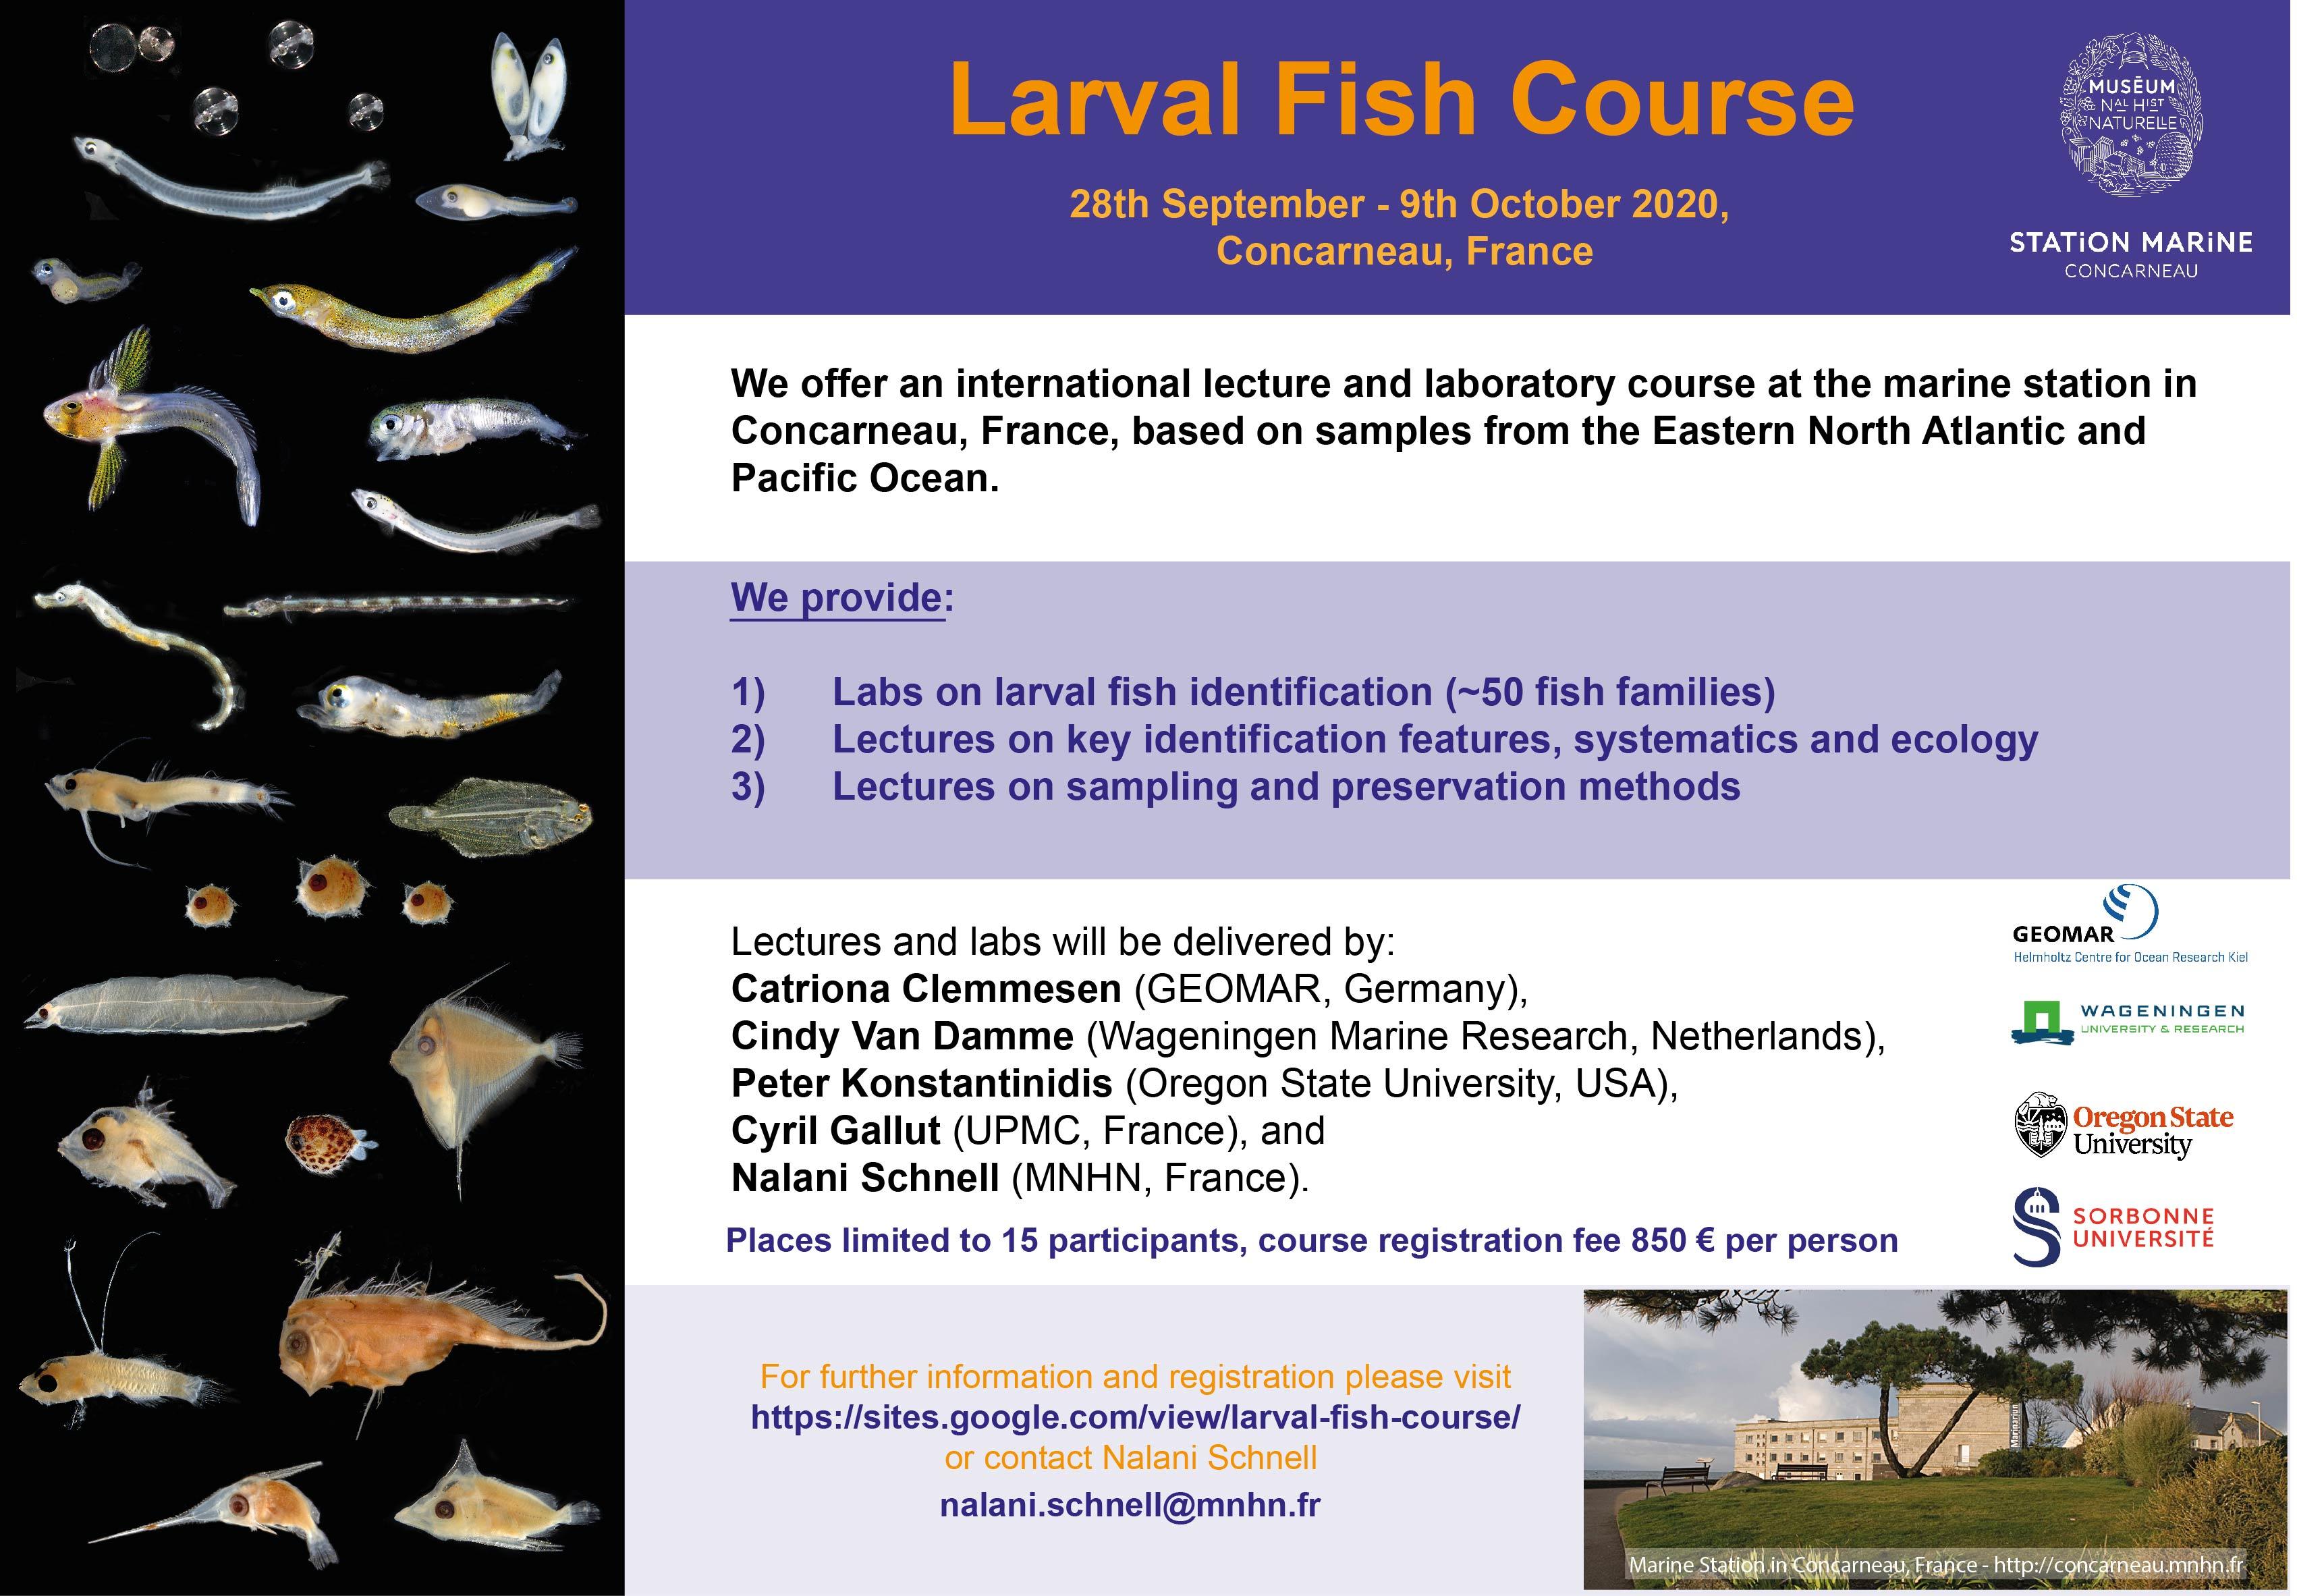 formation sur les larves de poisson